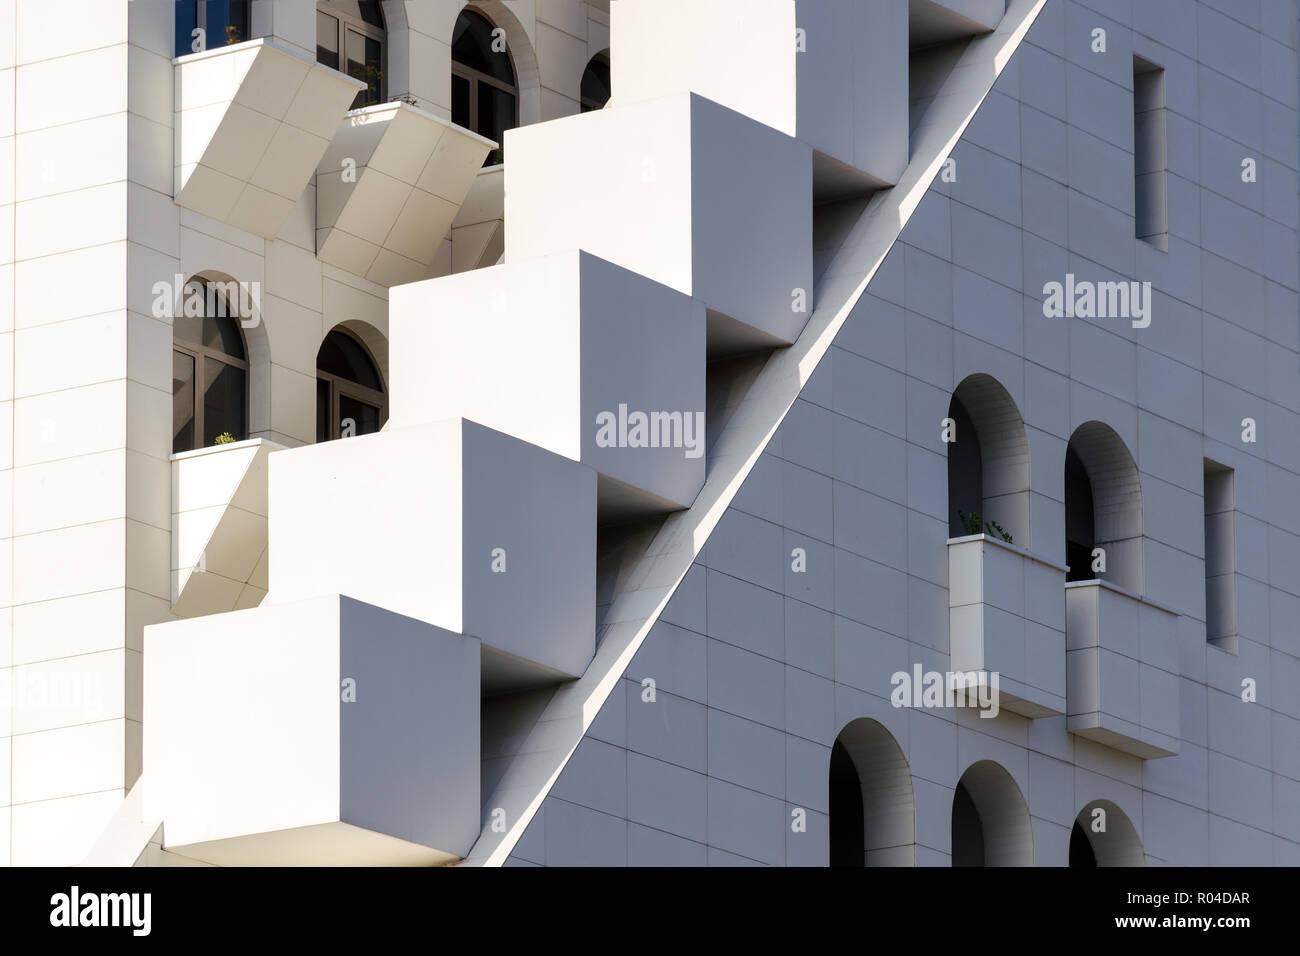 La miscelazione di forme e sagome, stratificazione in architettura moderna - parte di edificio con facciata, inusuale esterno geometrica, struttura complessa. Foto Stock